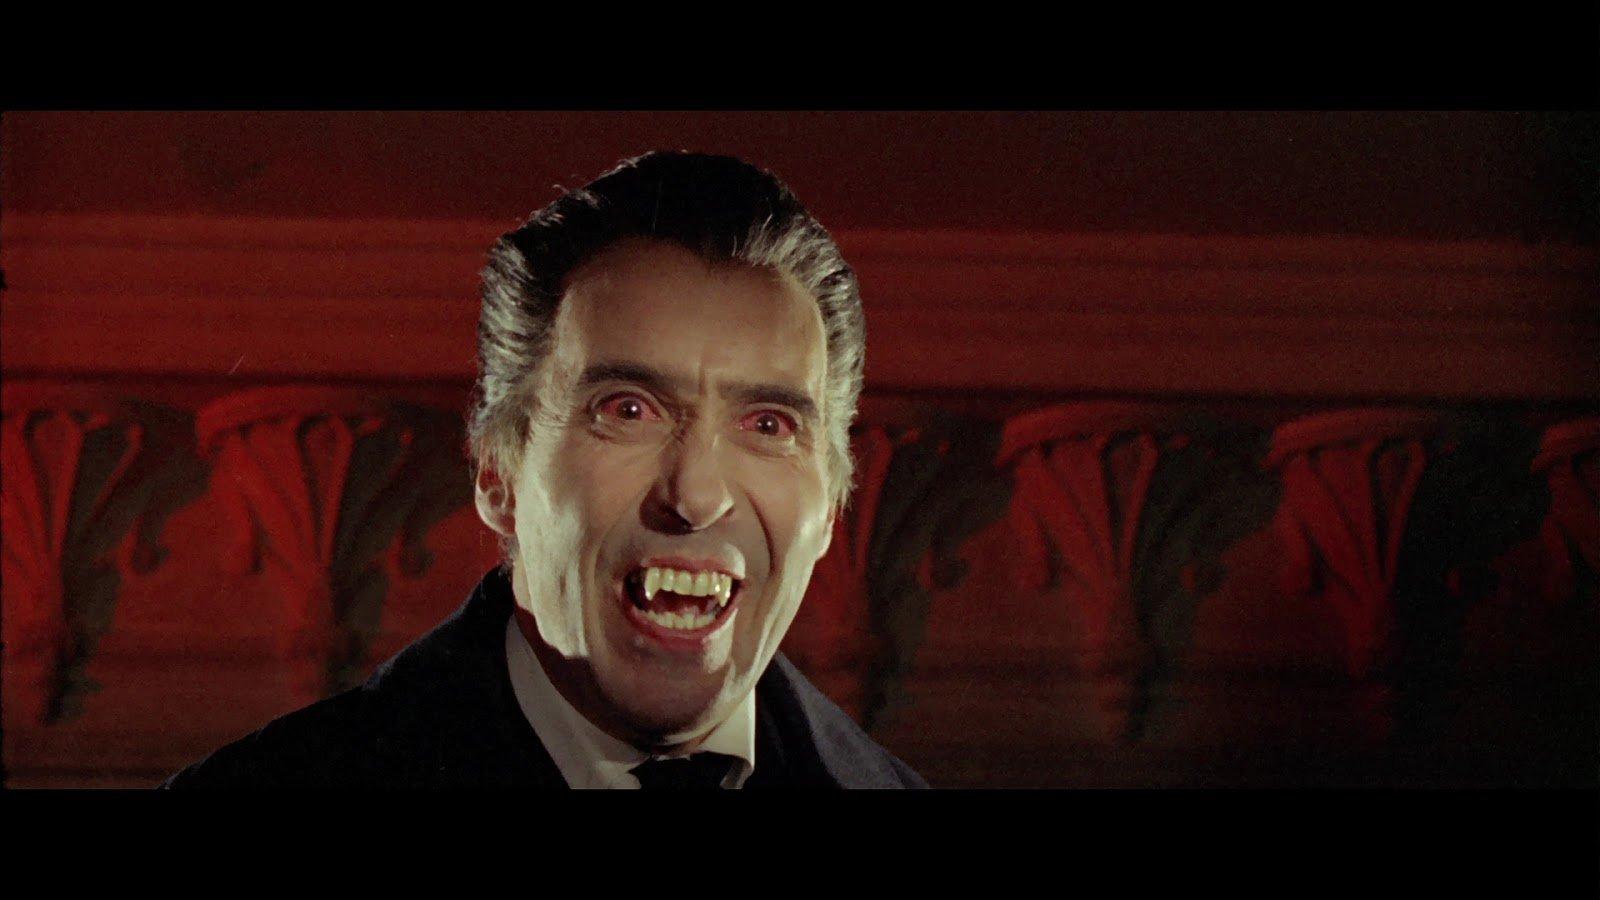 Christopher Lee Dracula Wallpaper - WallpaperSafari